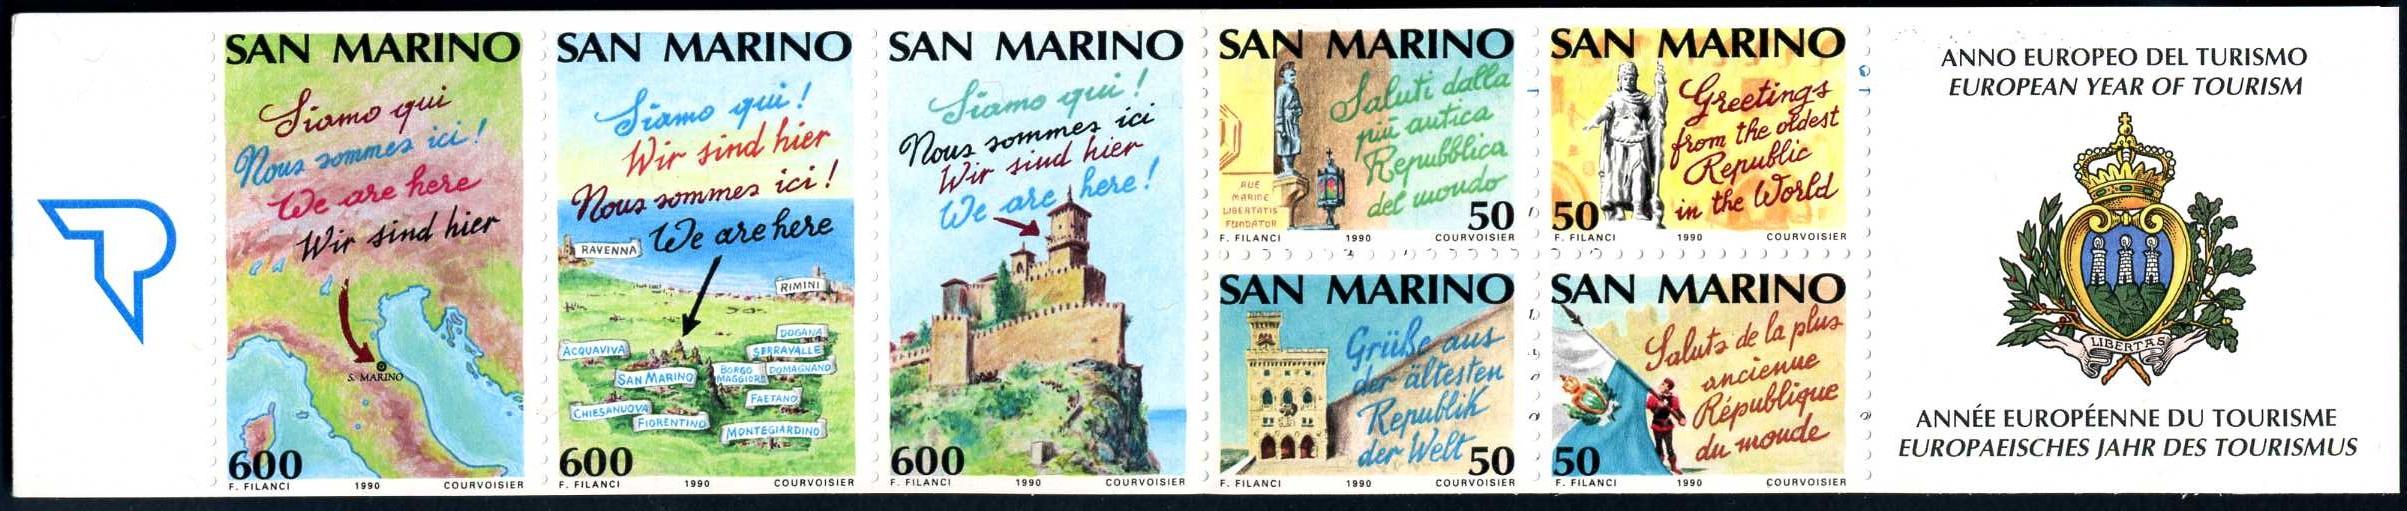 SM 281 1990 Europ. Jahr des Tourismus 1.jpg